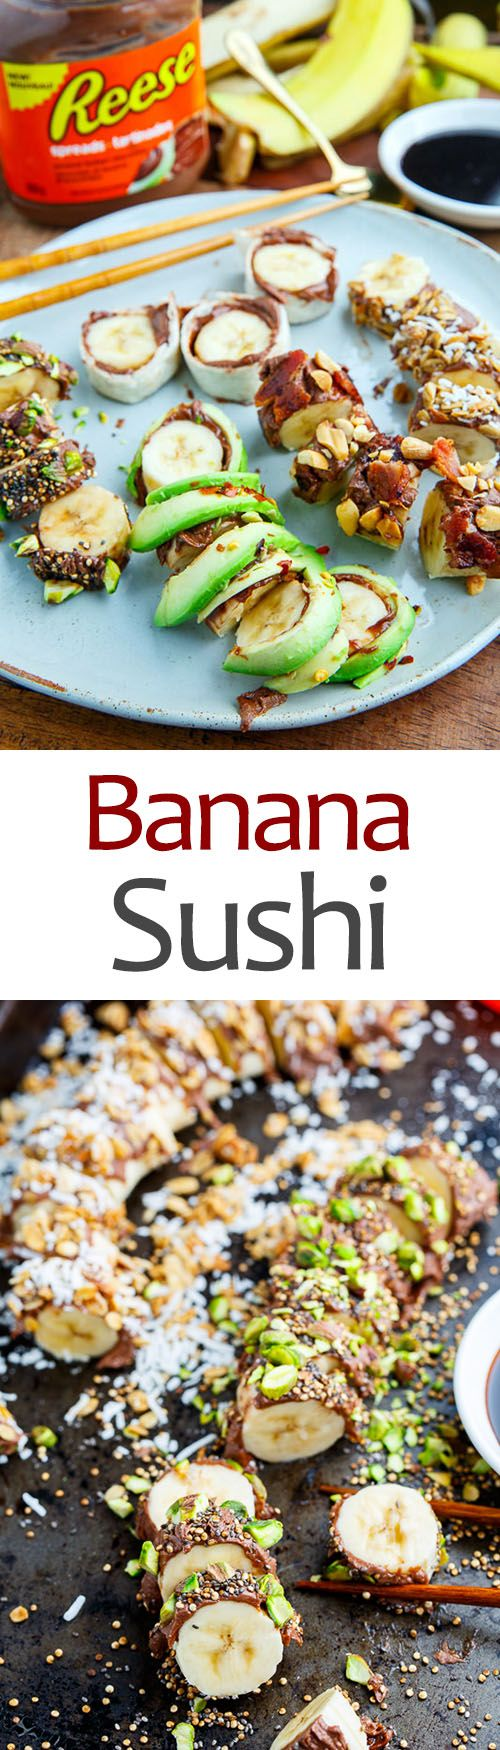 Banana Sushi